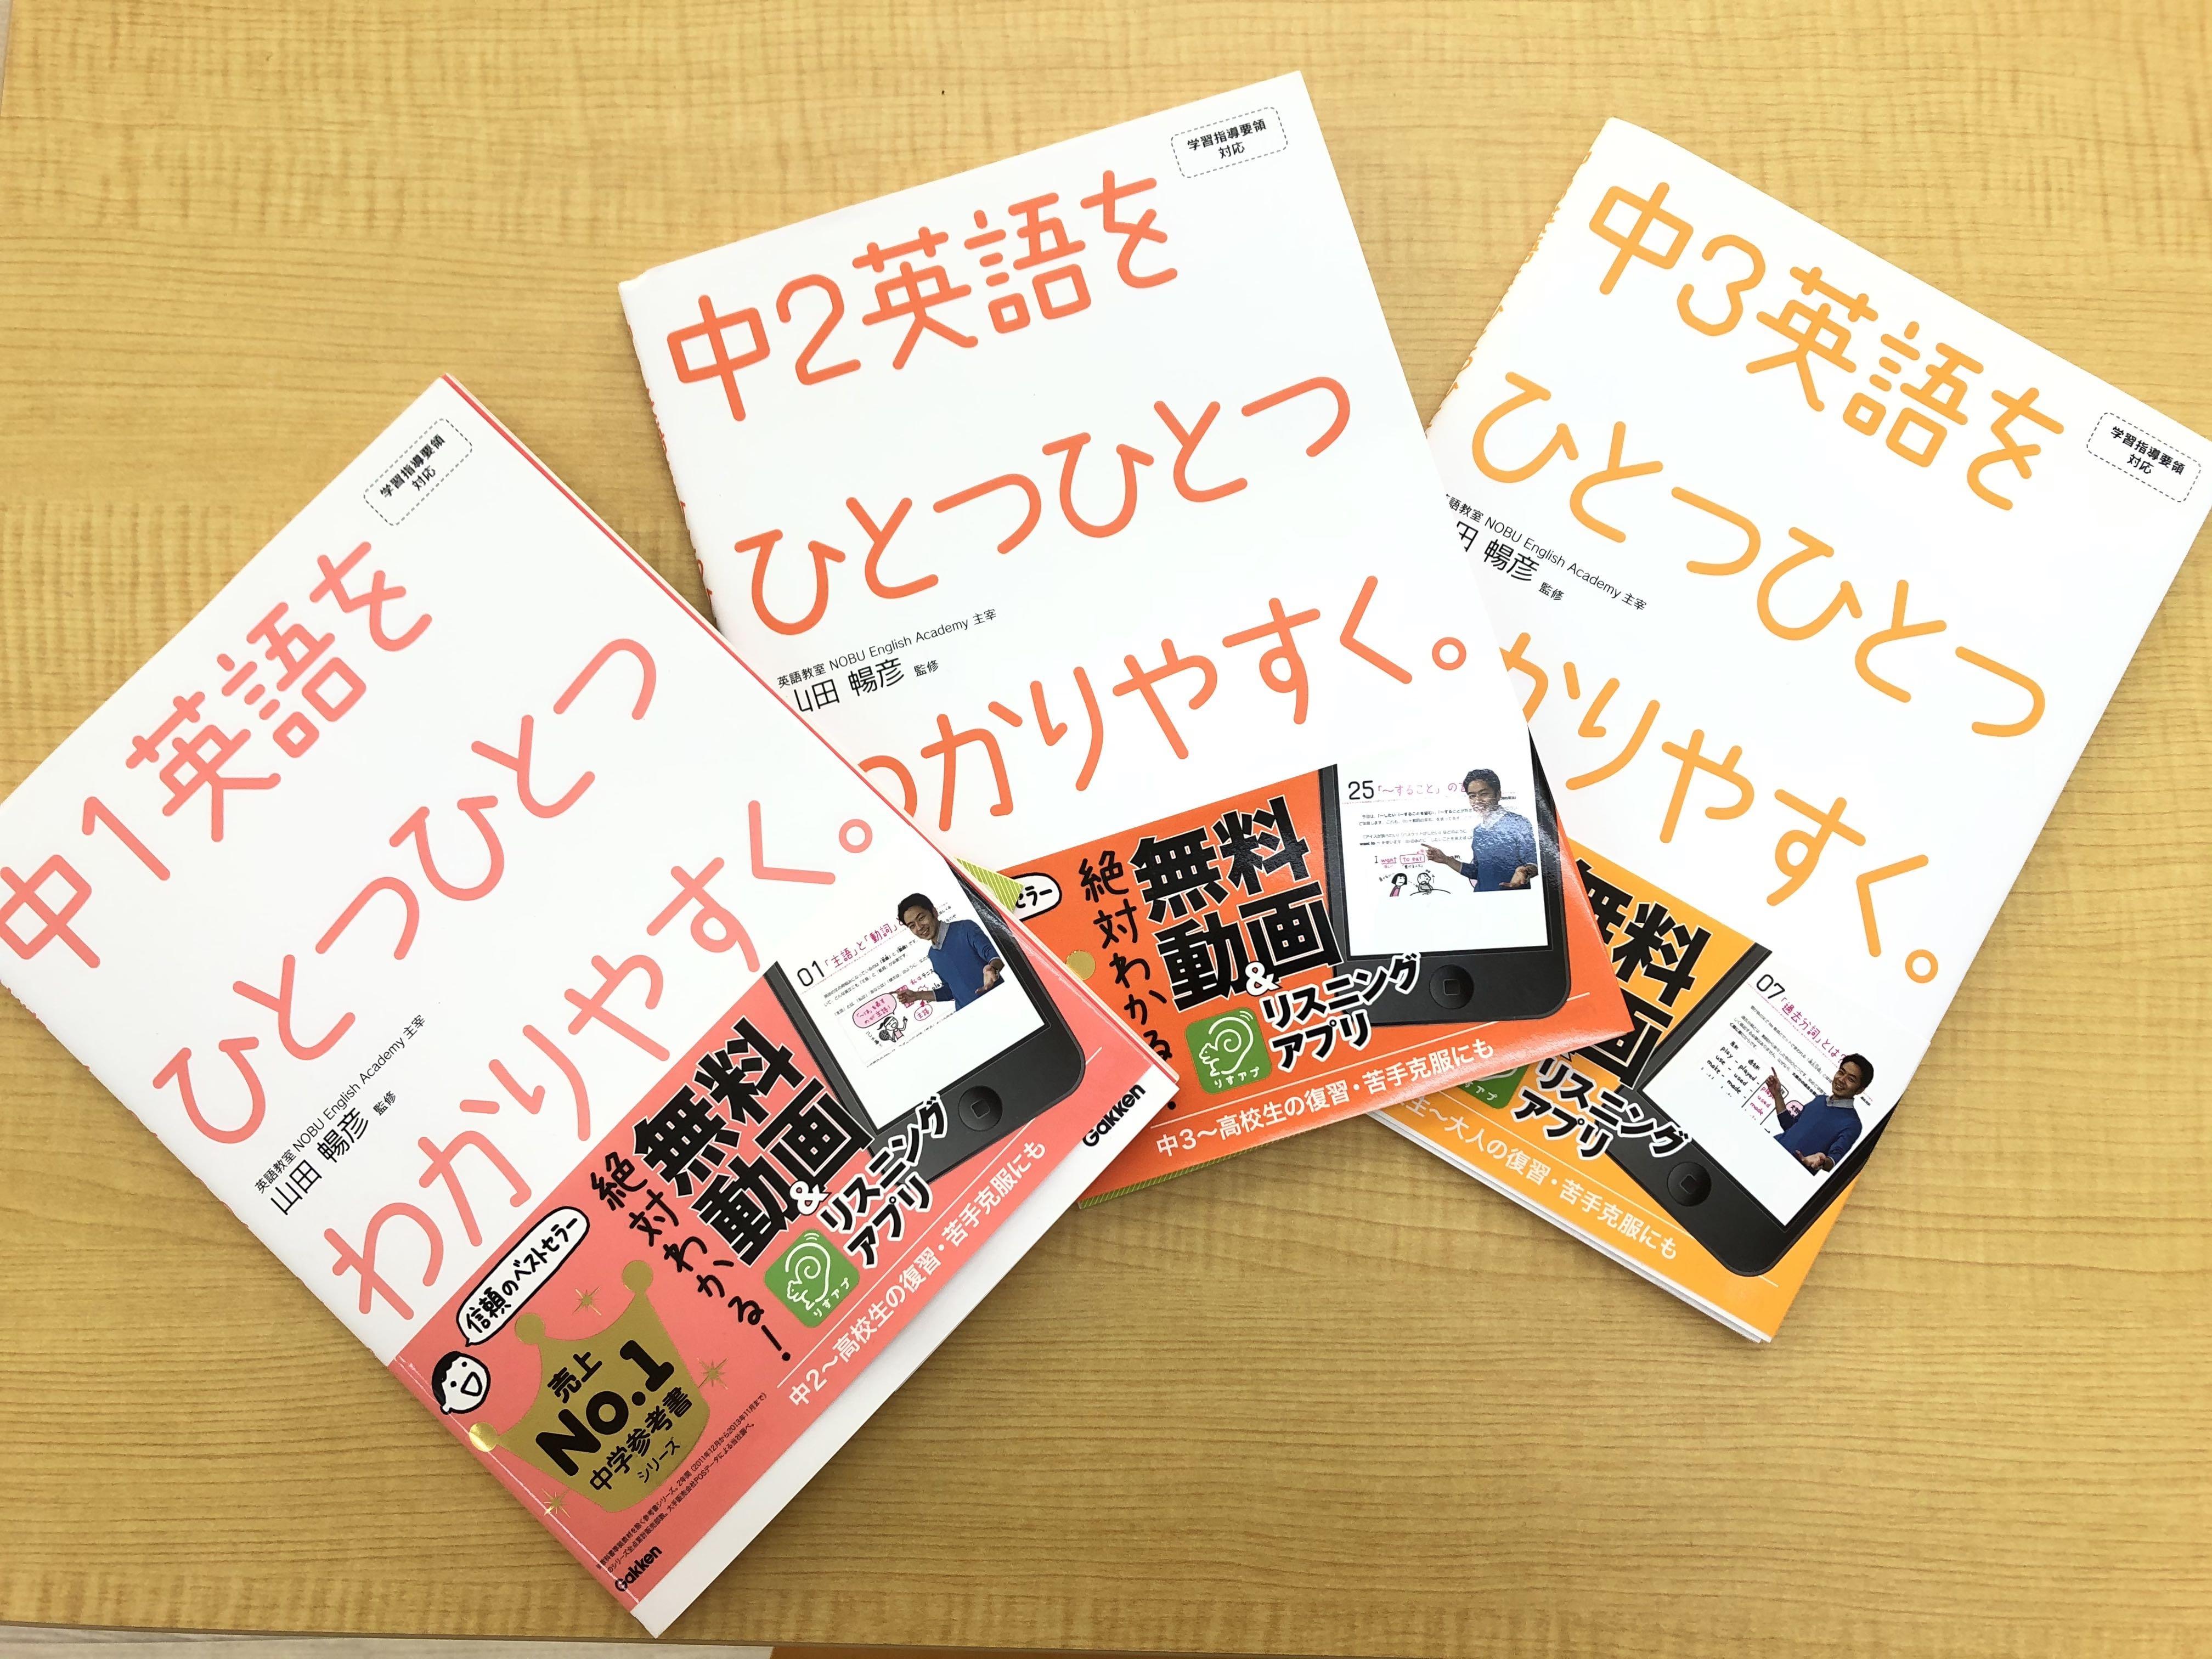 三鷹 英語塾 海外進学 文法 留学 小学生